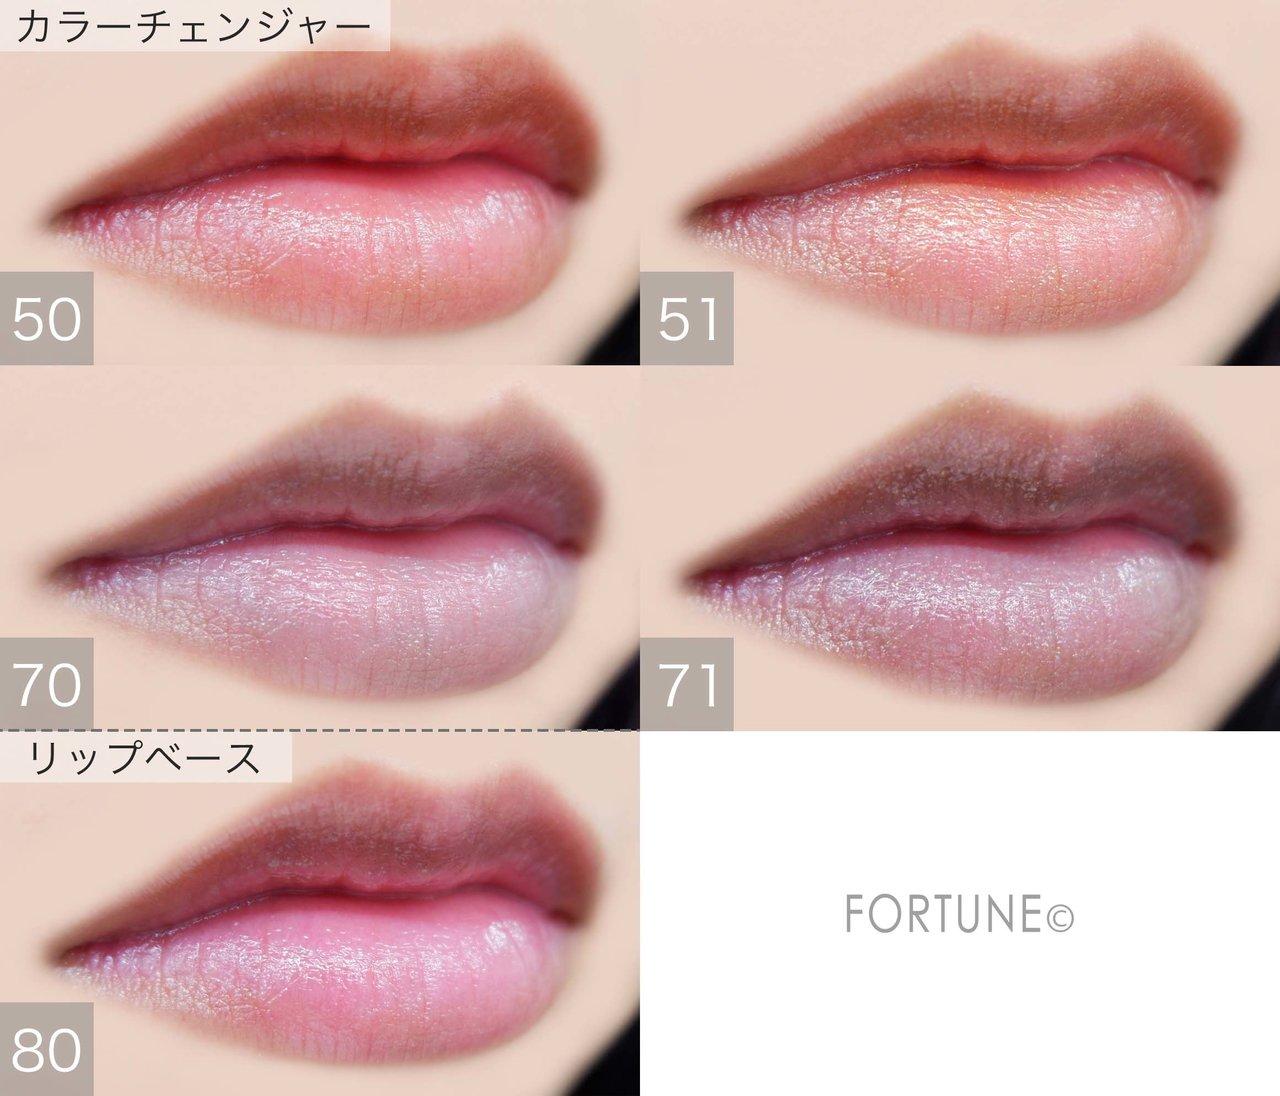 画像:Fujiko(フジコ)miniシリーズ「ミニウォータリールージュ」カラーチェンジャー&リップベース 使用感